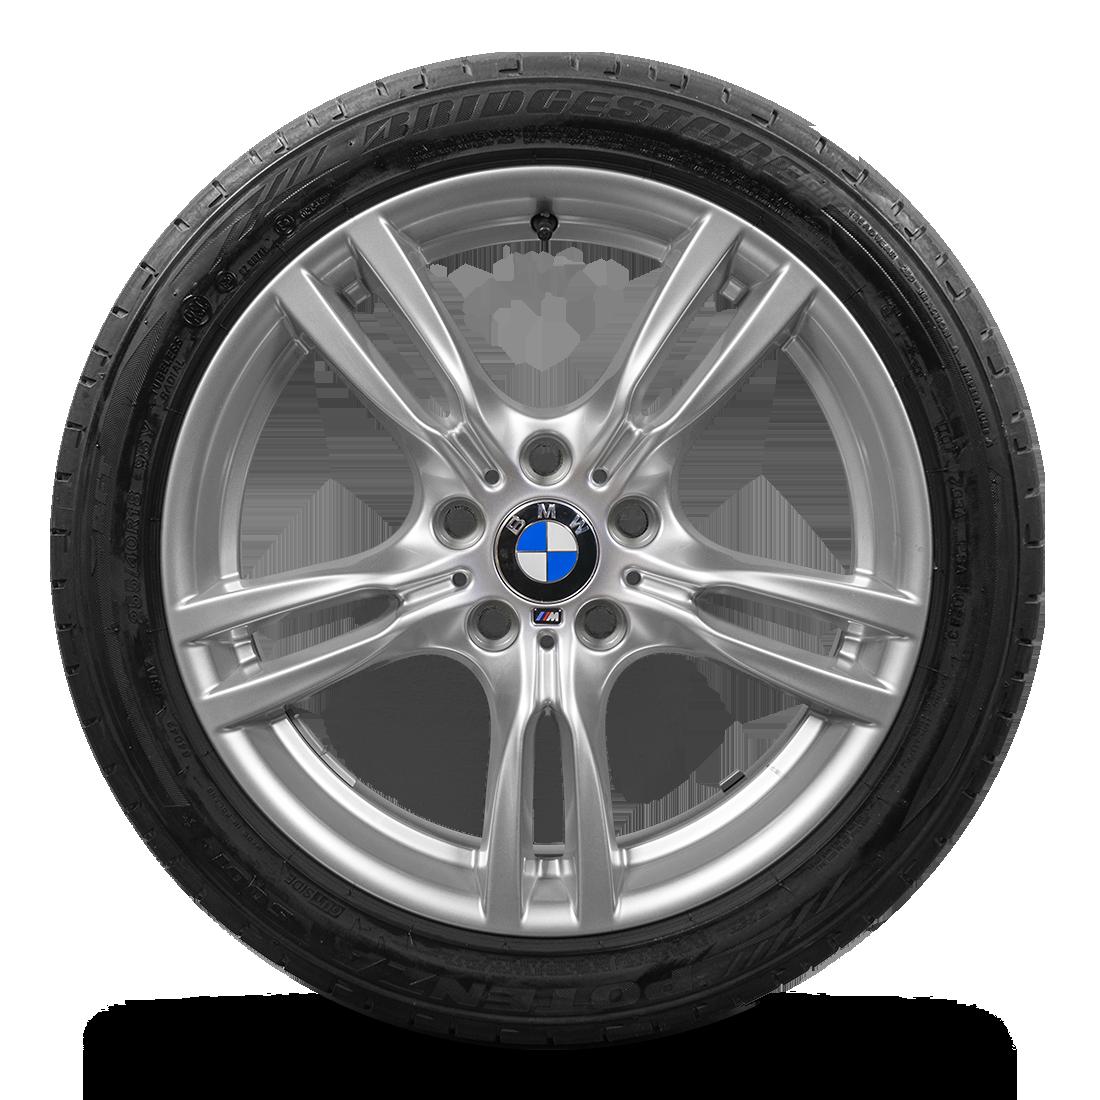 BMW 18 Zoll 3er F30 F31 4er F32 F33 Felgen Alufelgen M400 M 400 Sommerreifen